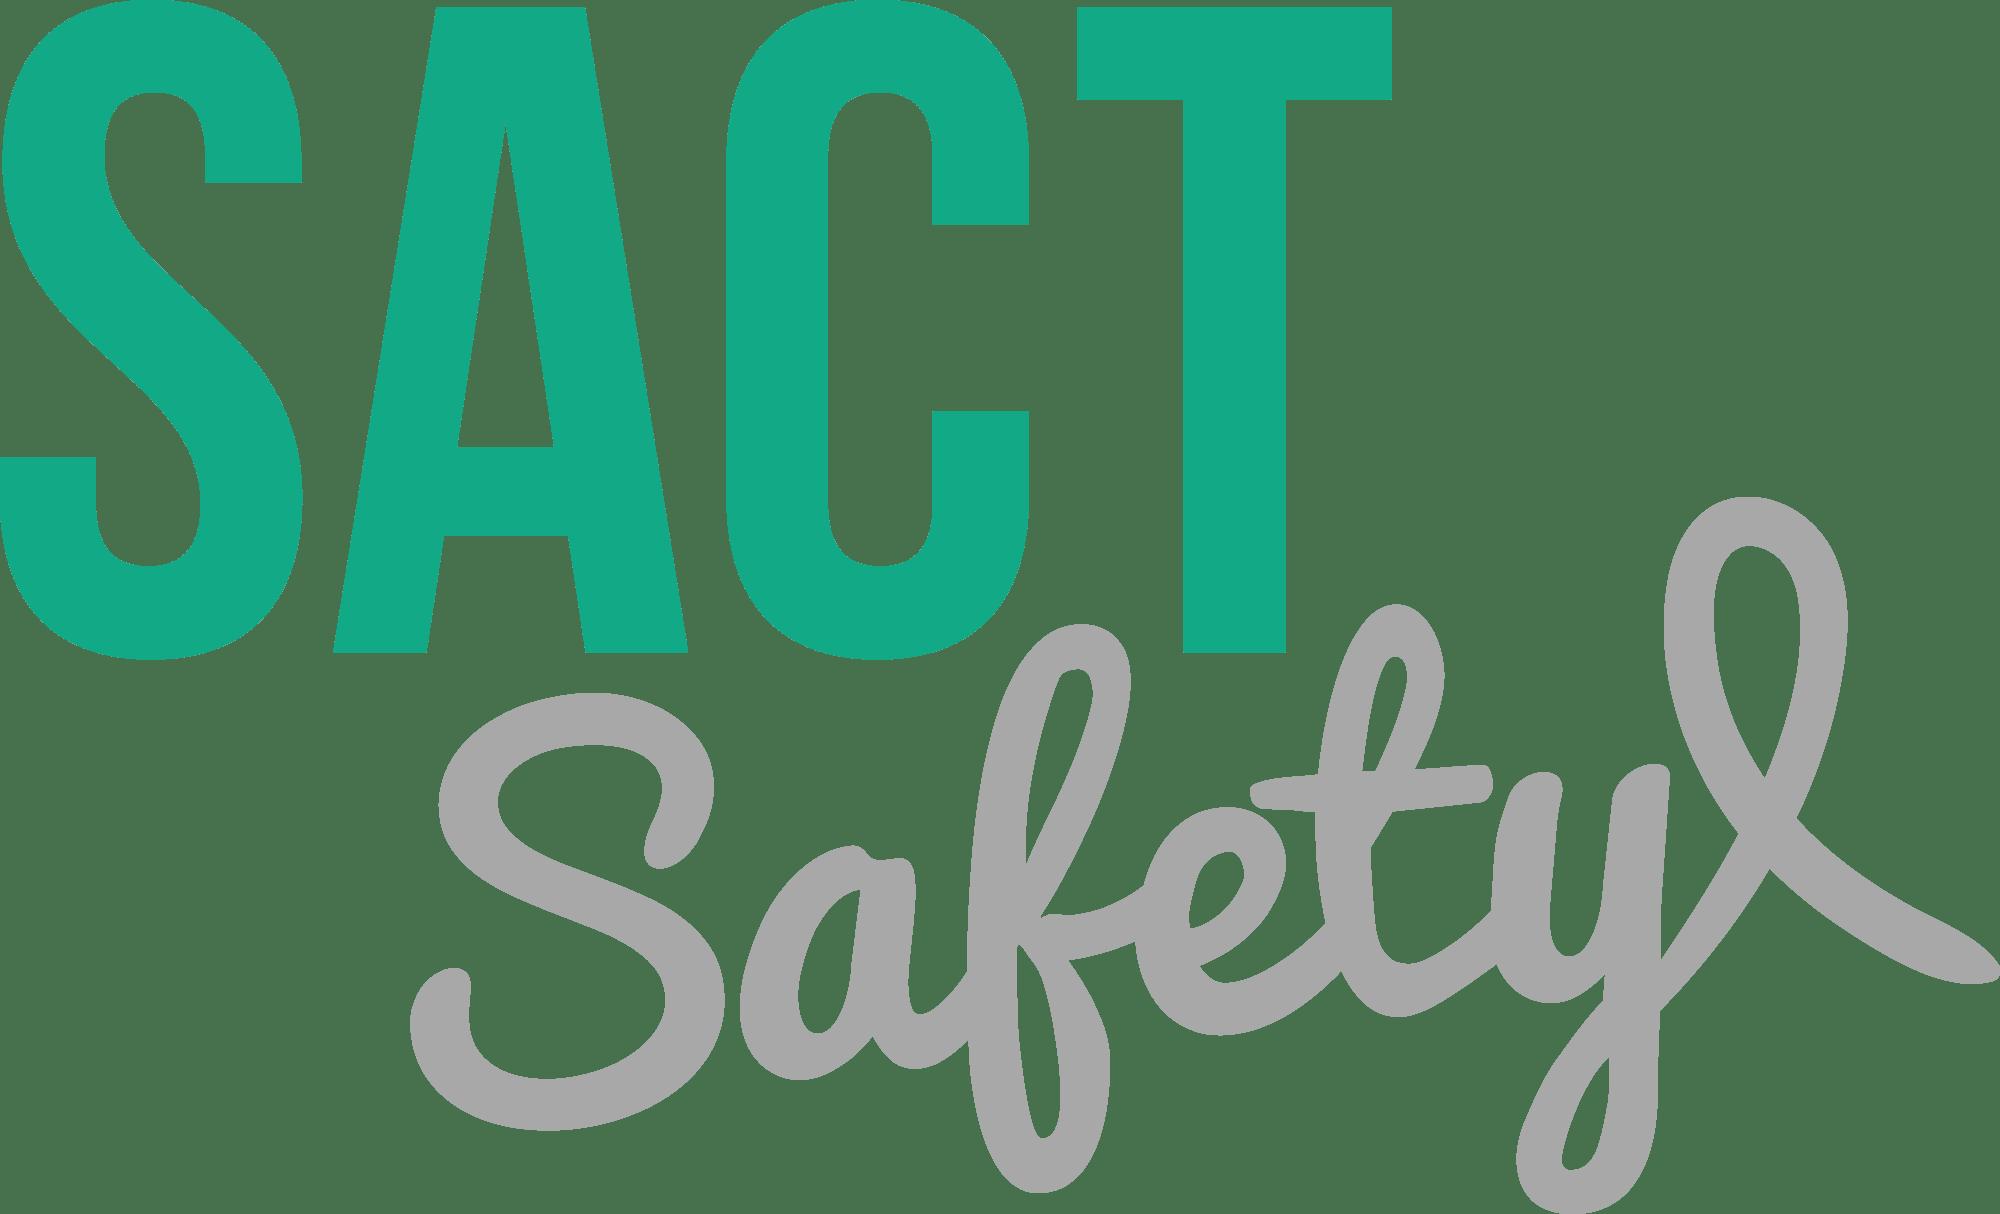 SACT SAFETY